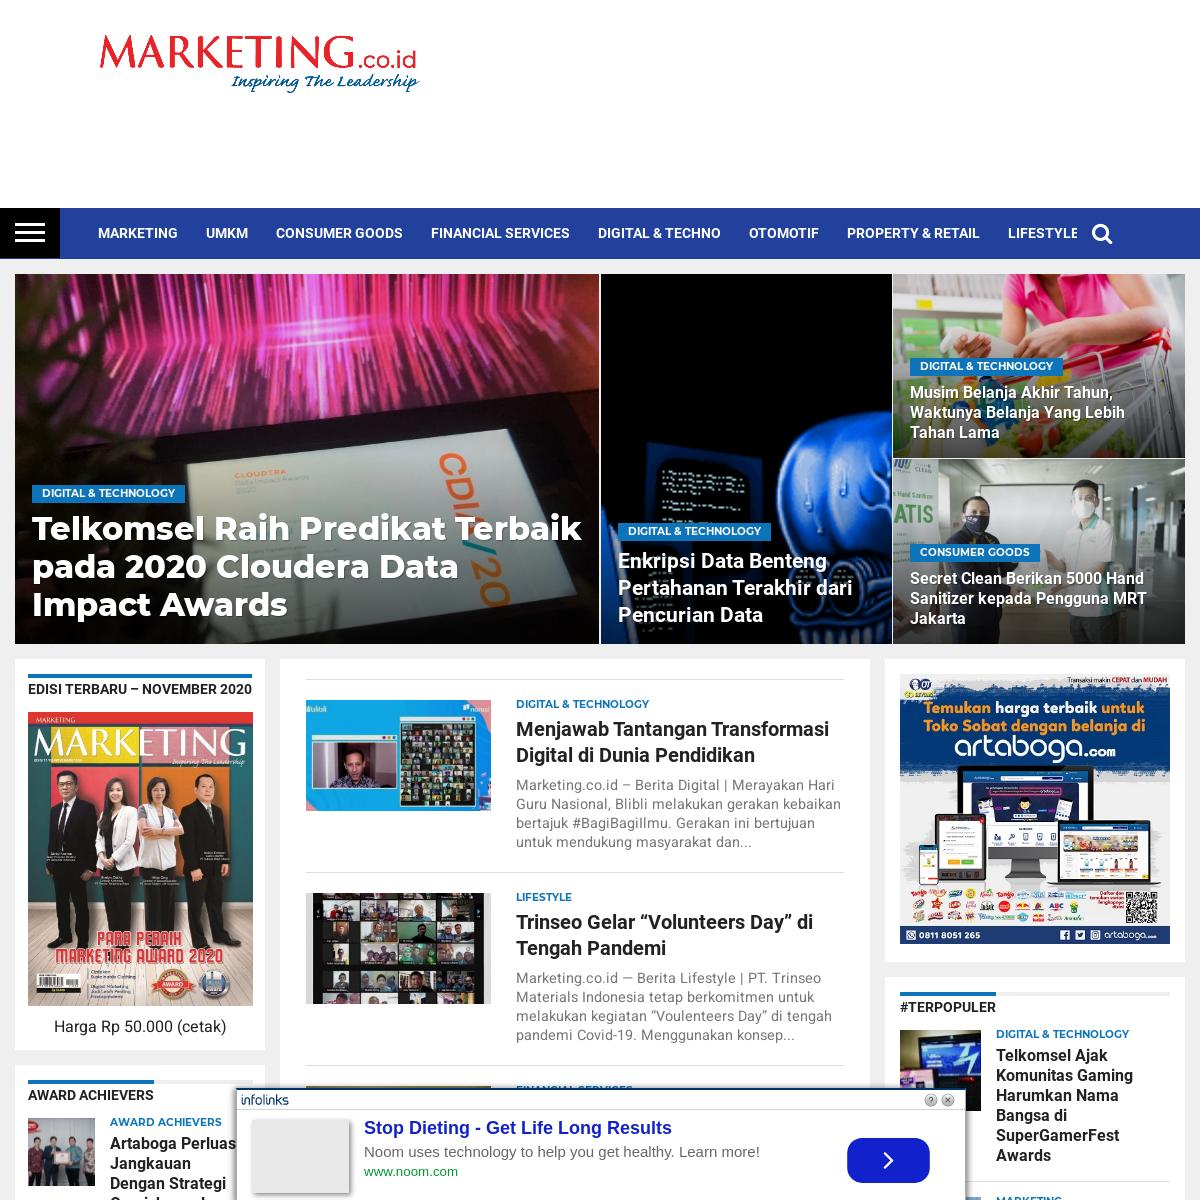 Berita Marketing dan Berita Bisnis Hari Ini - MARKETING.co.id